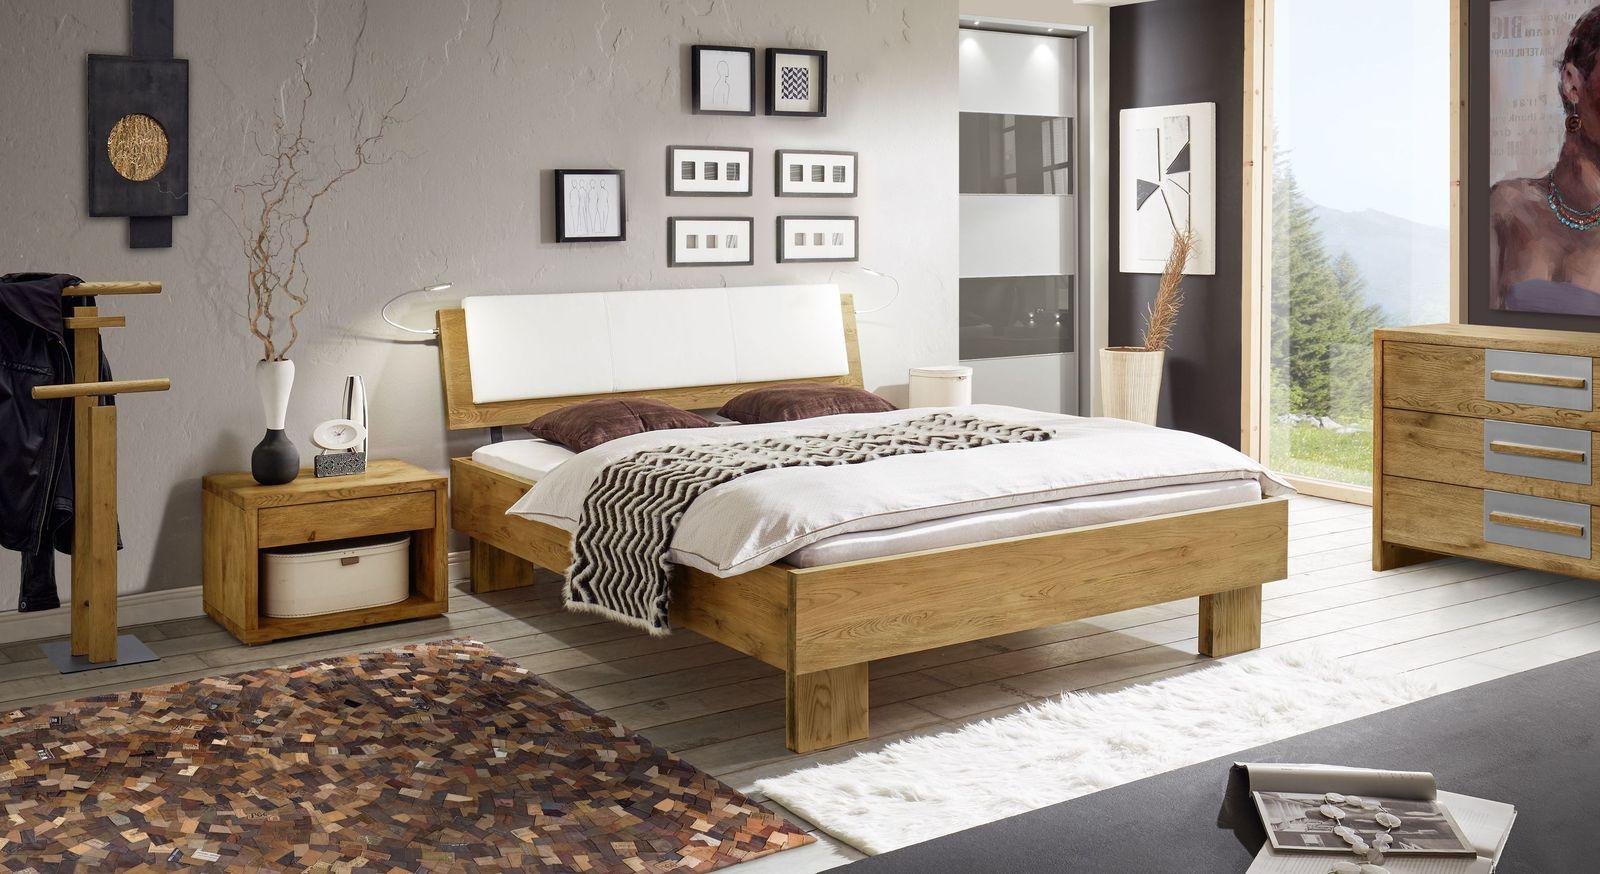 Bett Maraba mit passenden Möbel und Accessoires